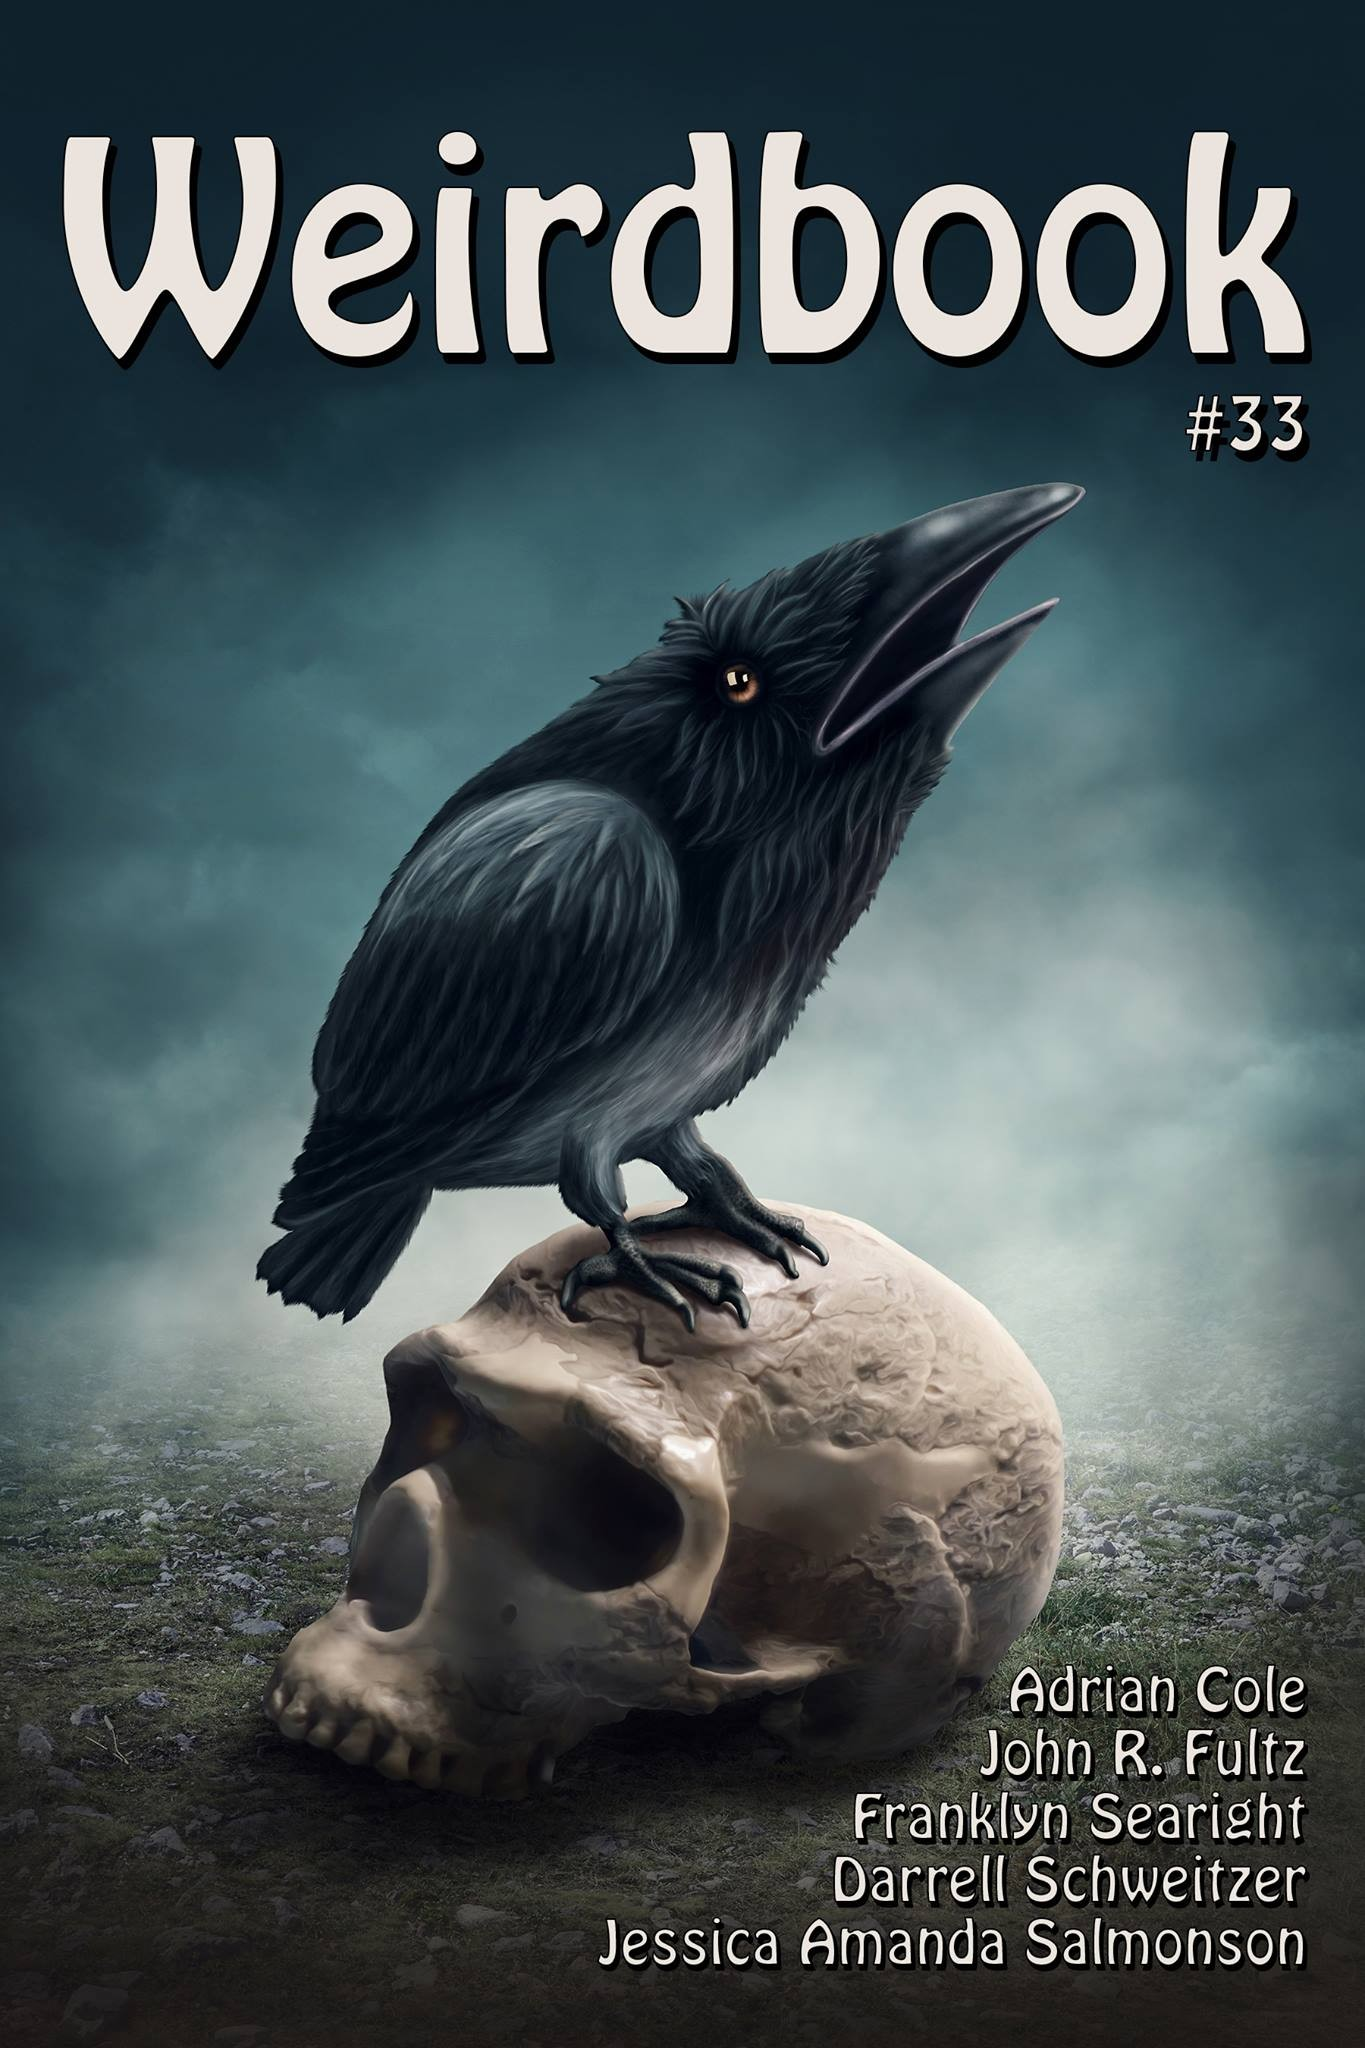 Weirdbook-33-cover.jpg